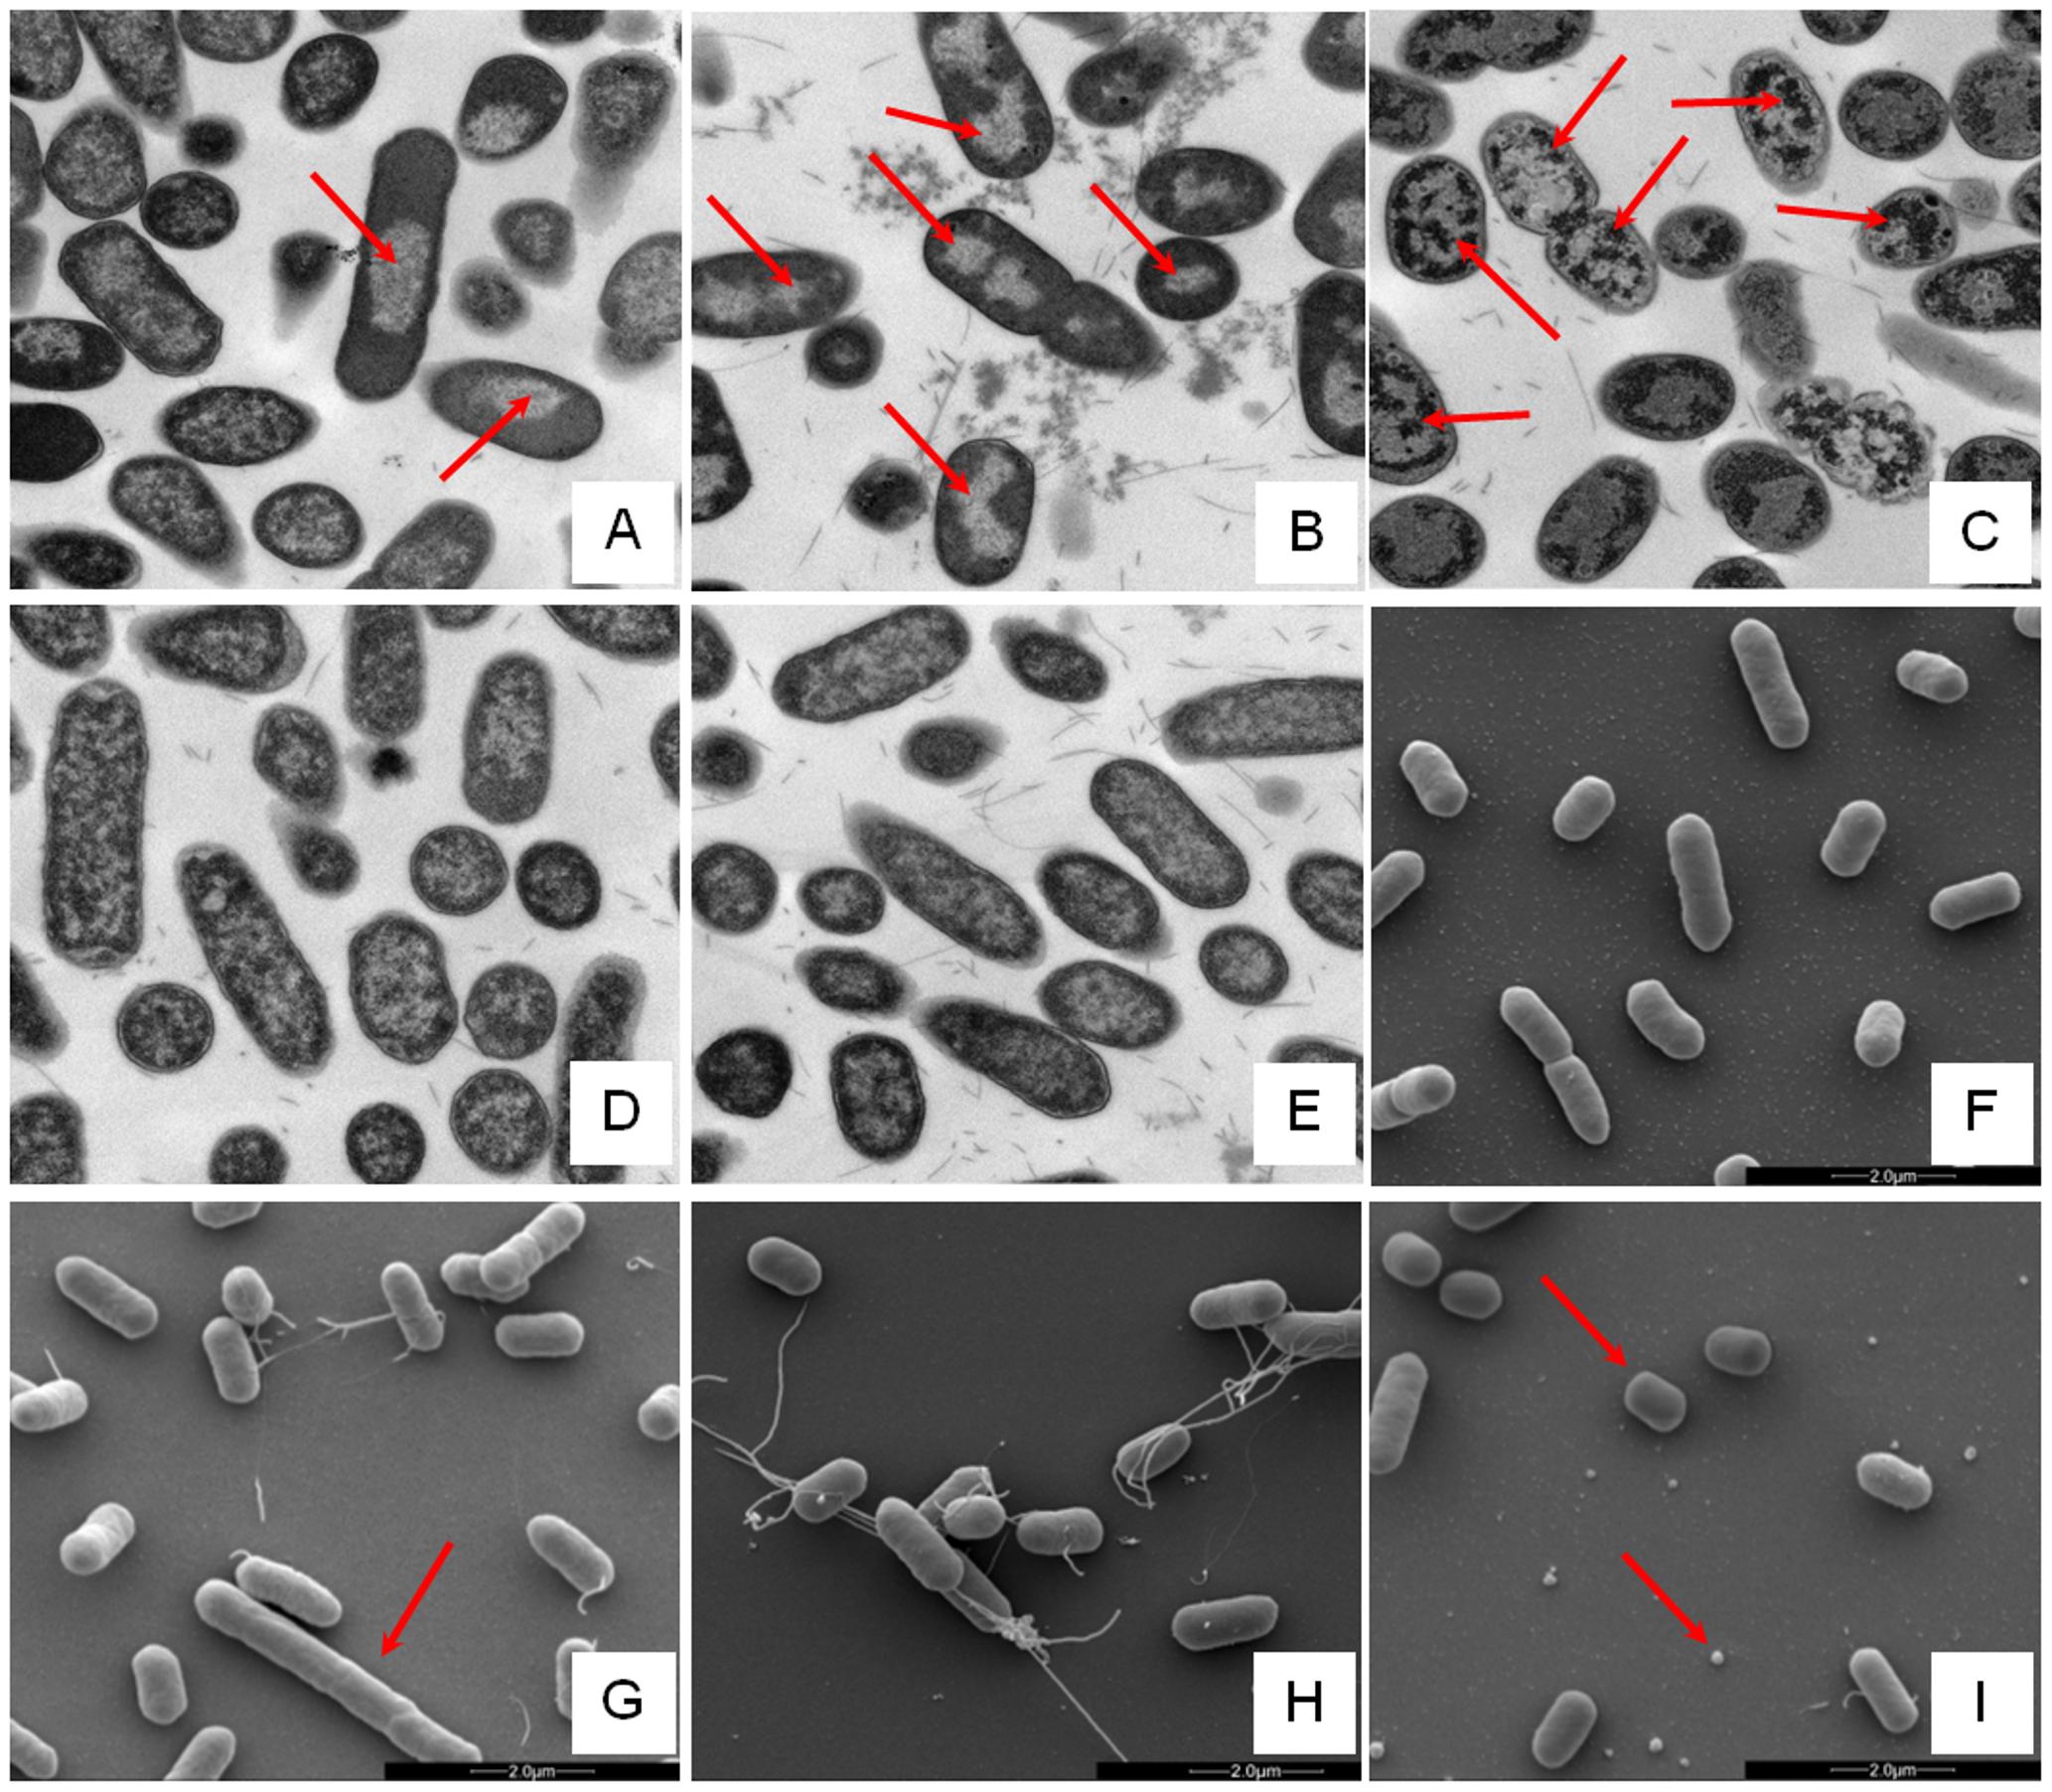 Electron microscopic analysis of <i>E. coli</i> response to AMP challenge.